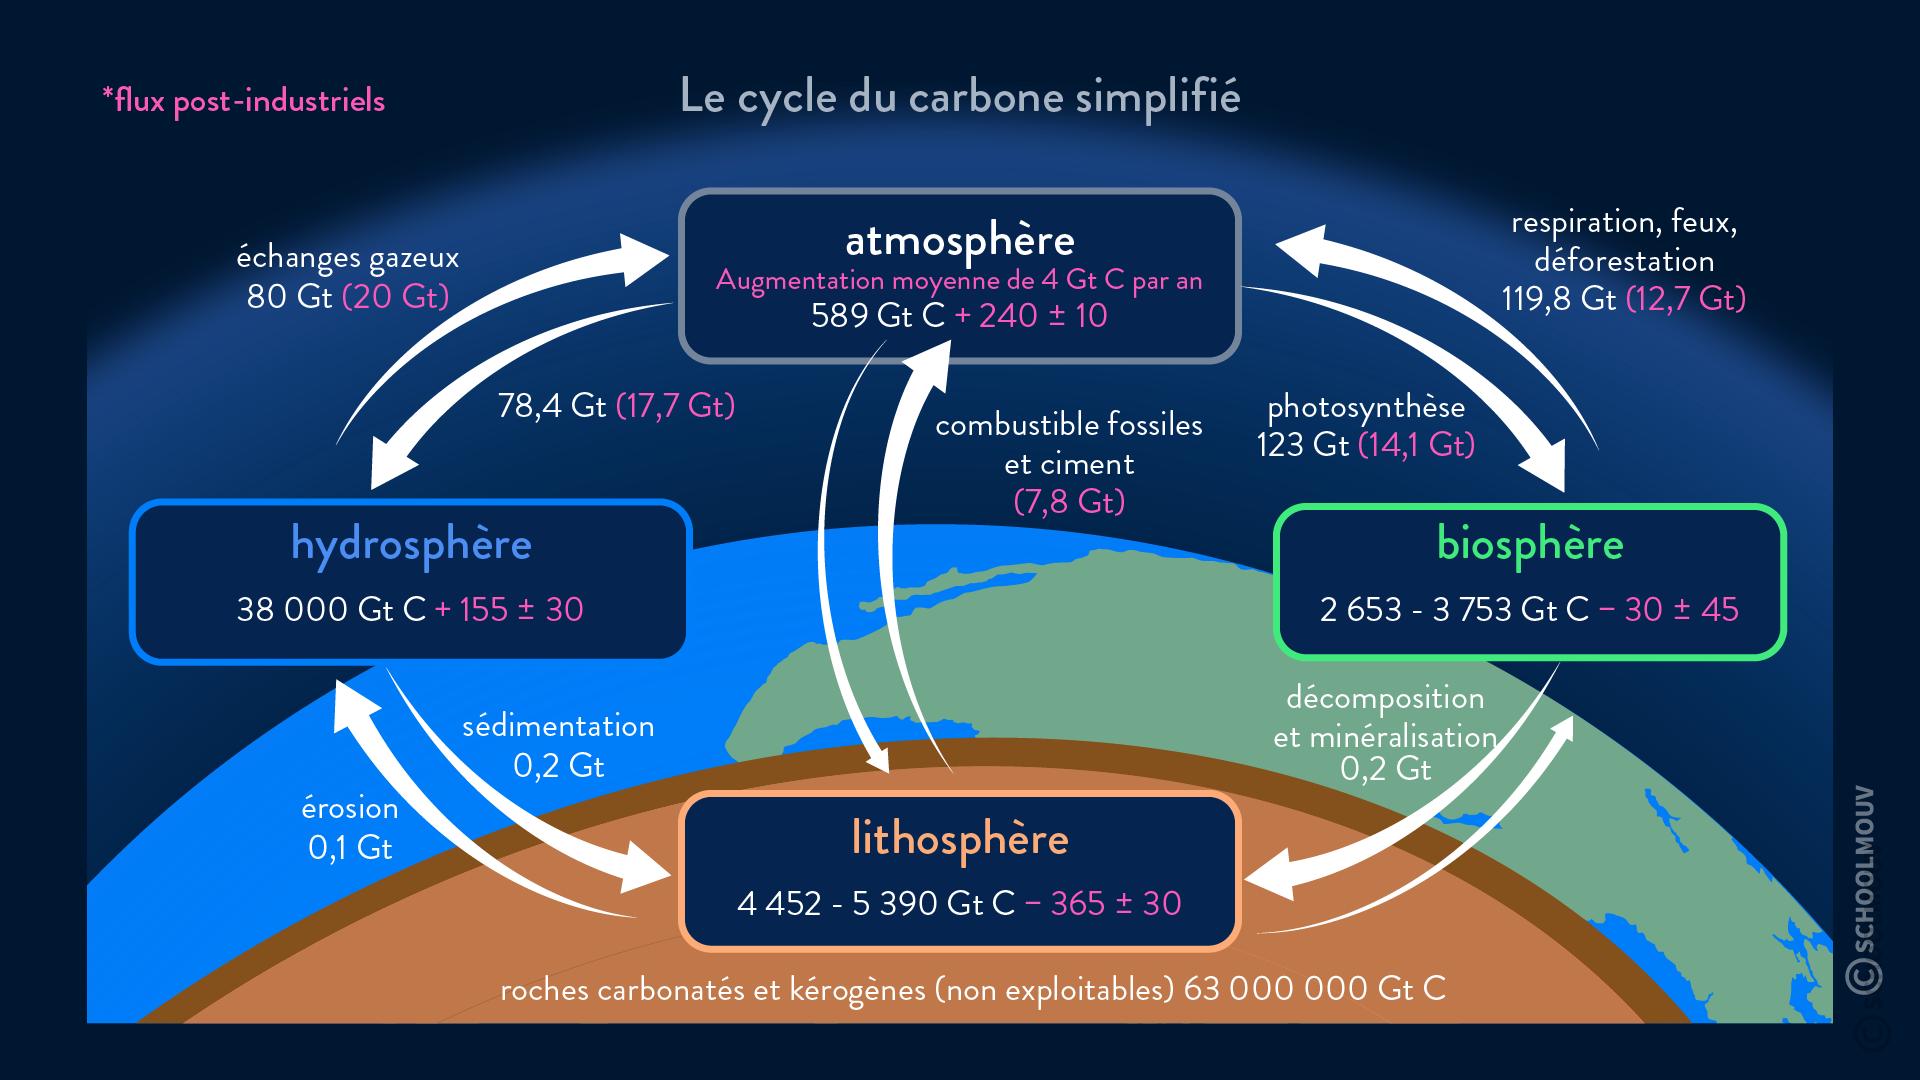 Cycle du carbone simplifié réservoirs et flux principaux